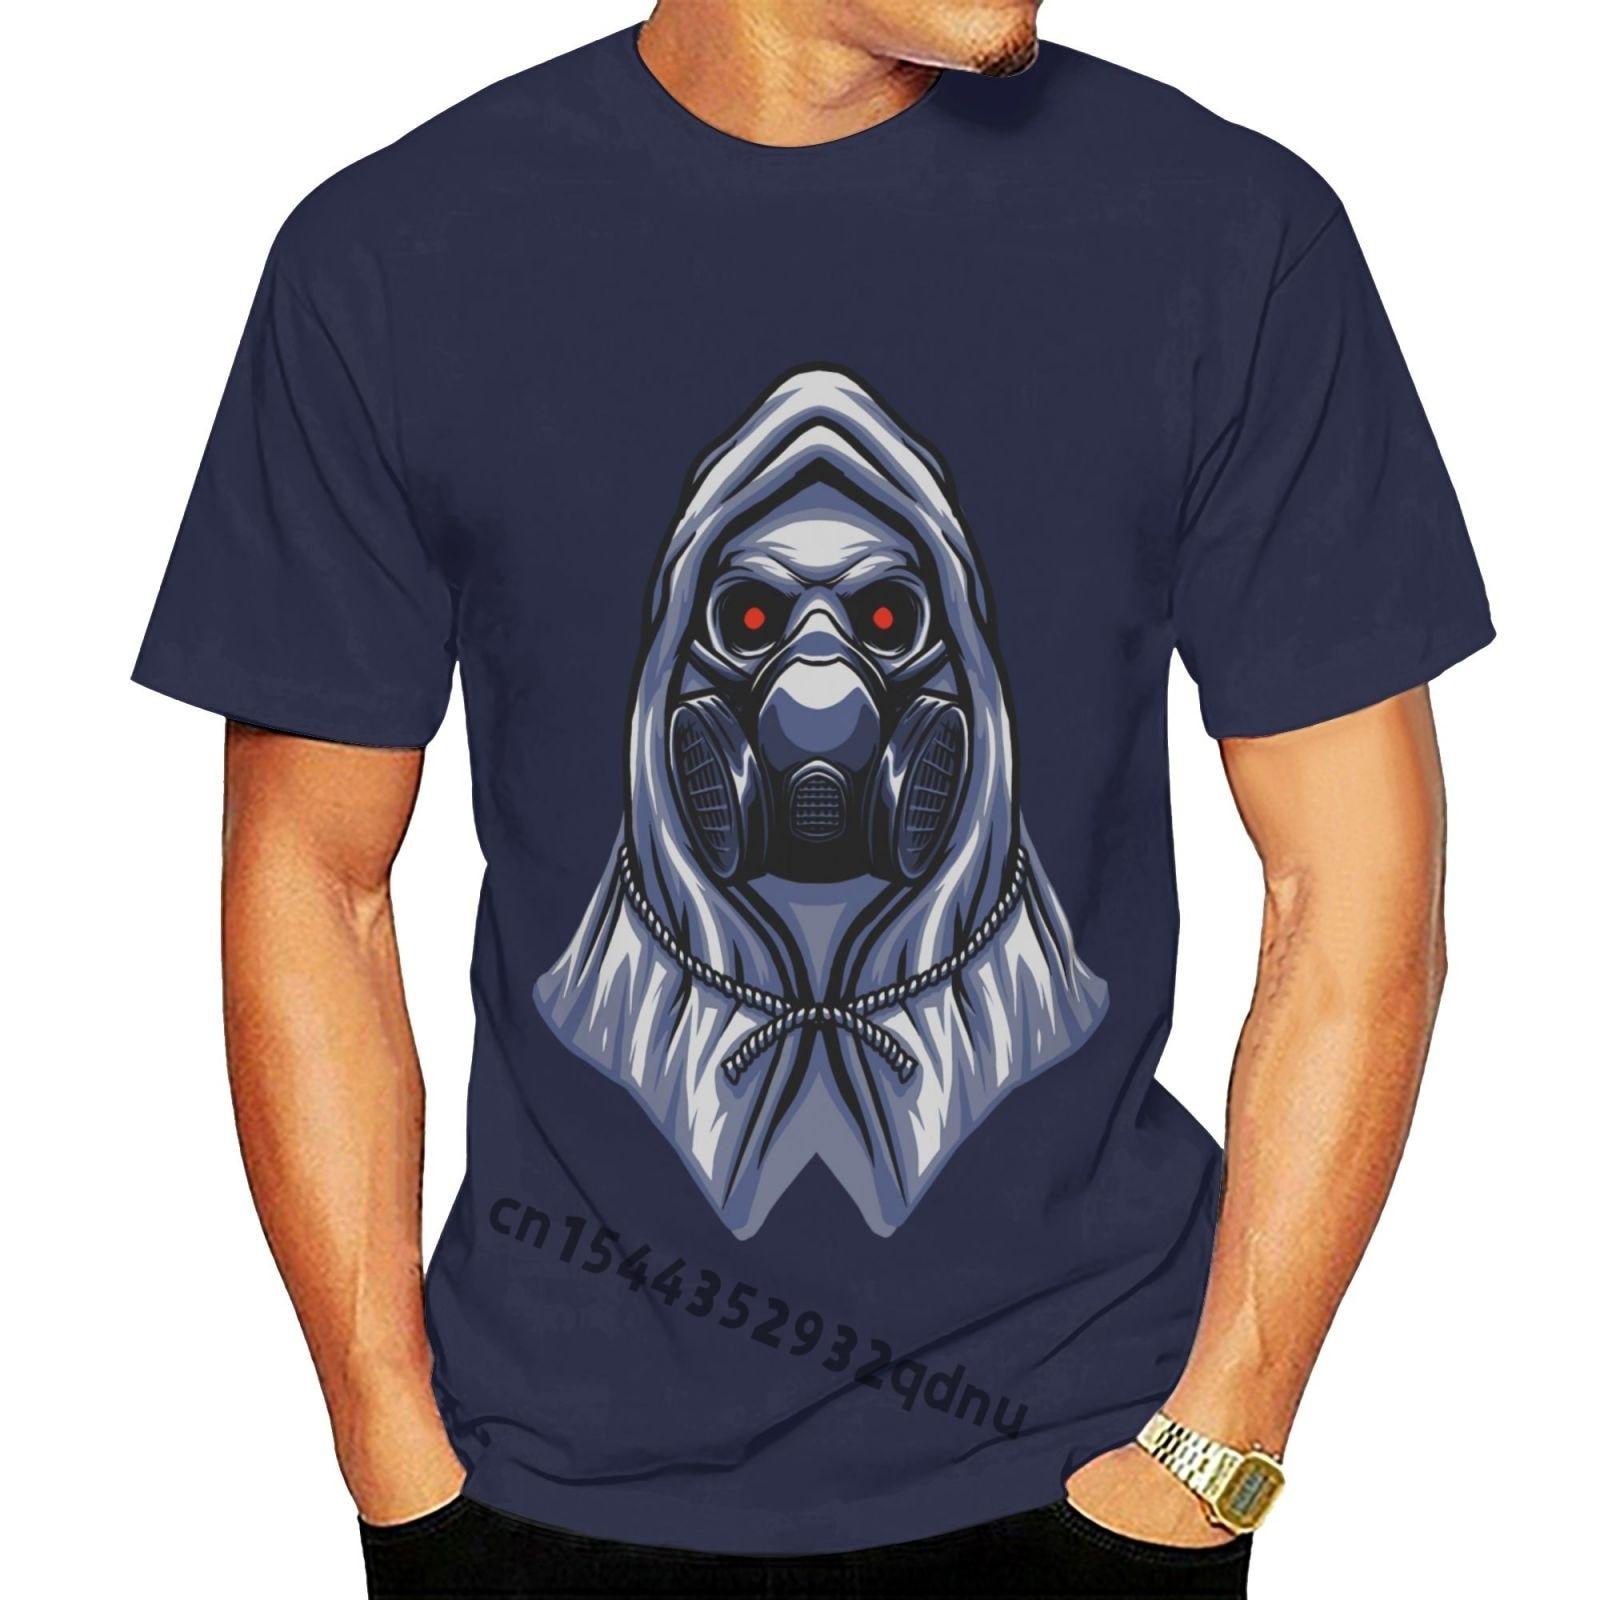 Забавная Мужская футболка, Мужская новинка, футболка-бомбер, Череп, талисман с логотипом, мужская и Мужская классная футболка